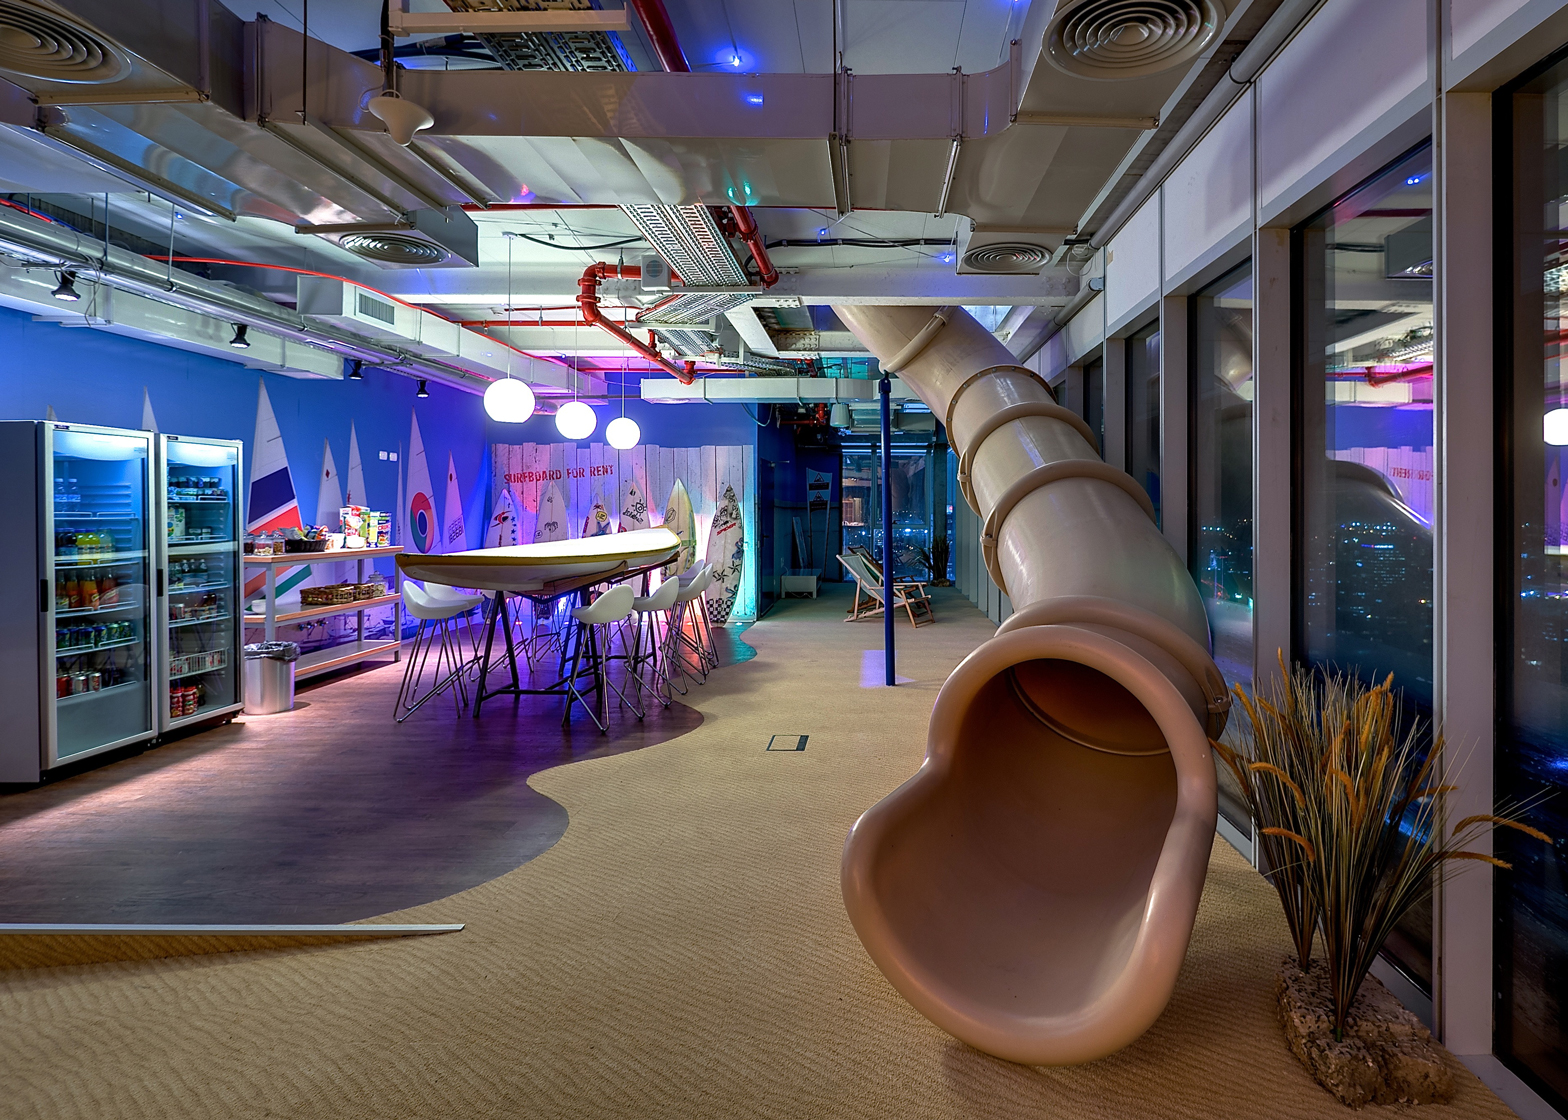 Phương án tối ưu để thiết kế nội thất văn phòng giá rẻ